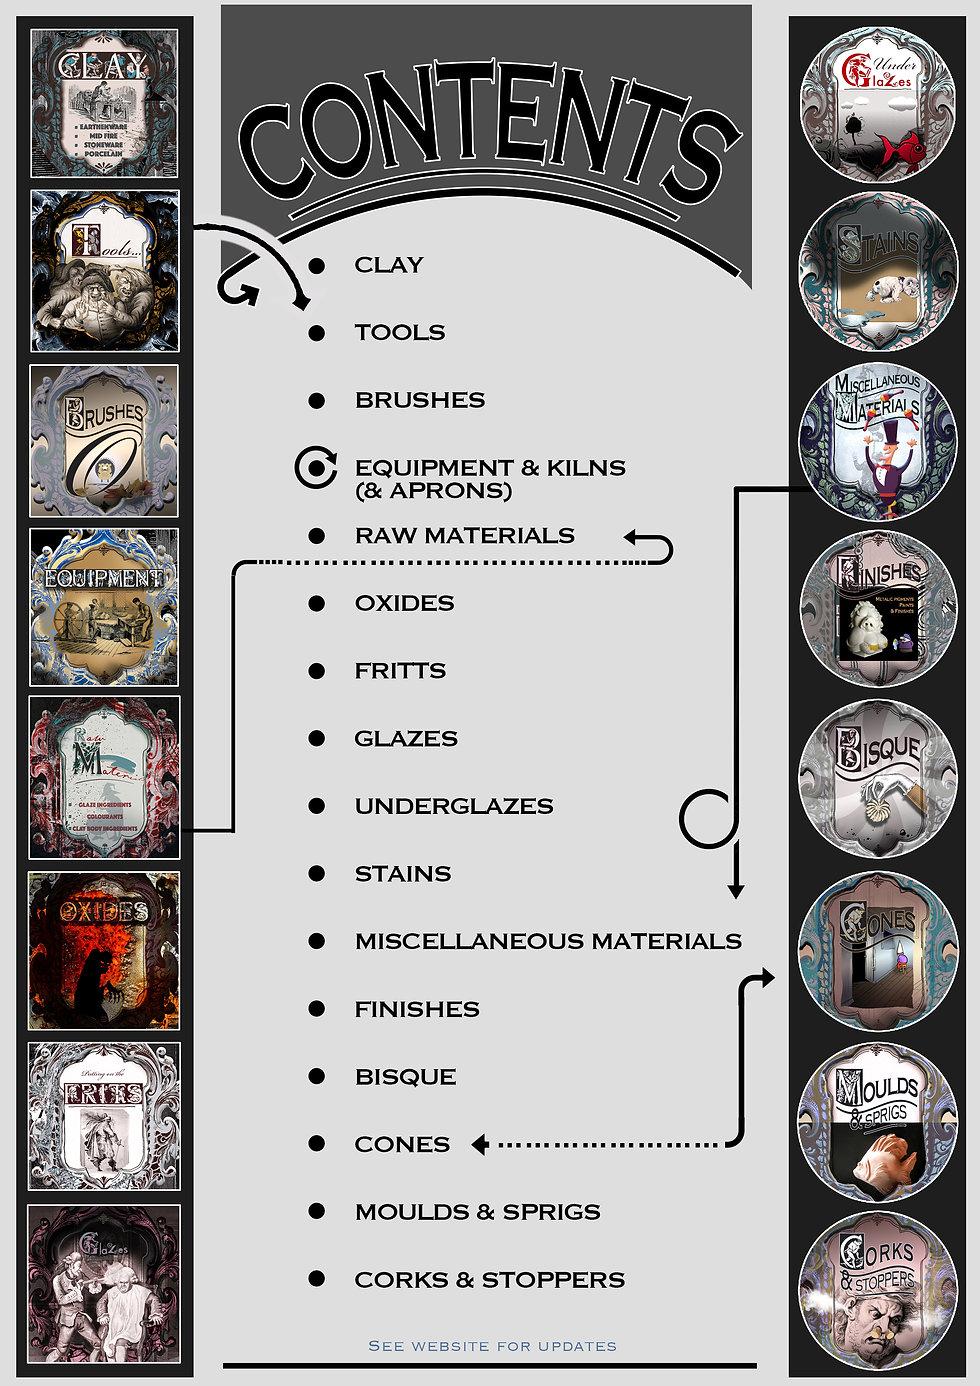 Contents - catalogue.jpg